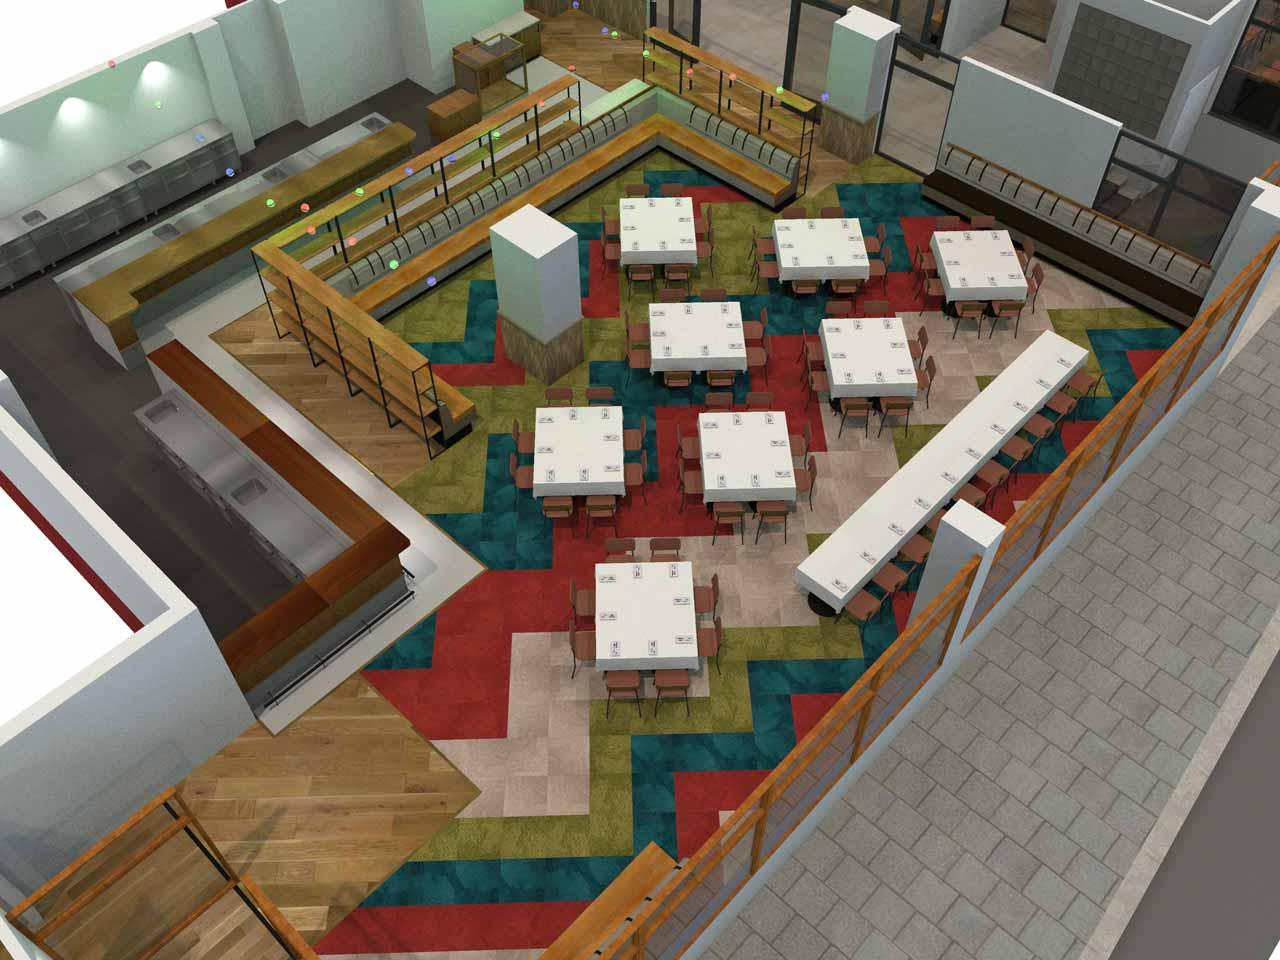 Bröllopsdukning 74 gäster Matdistriktet i 3D